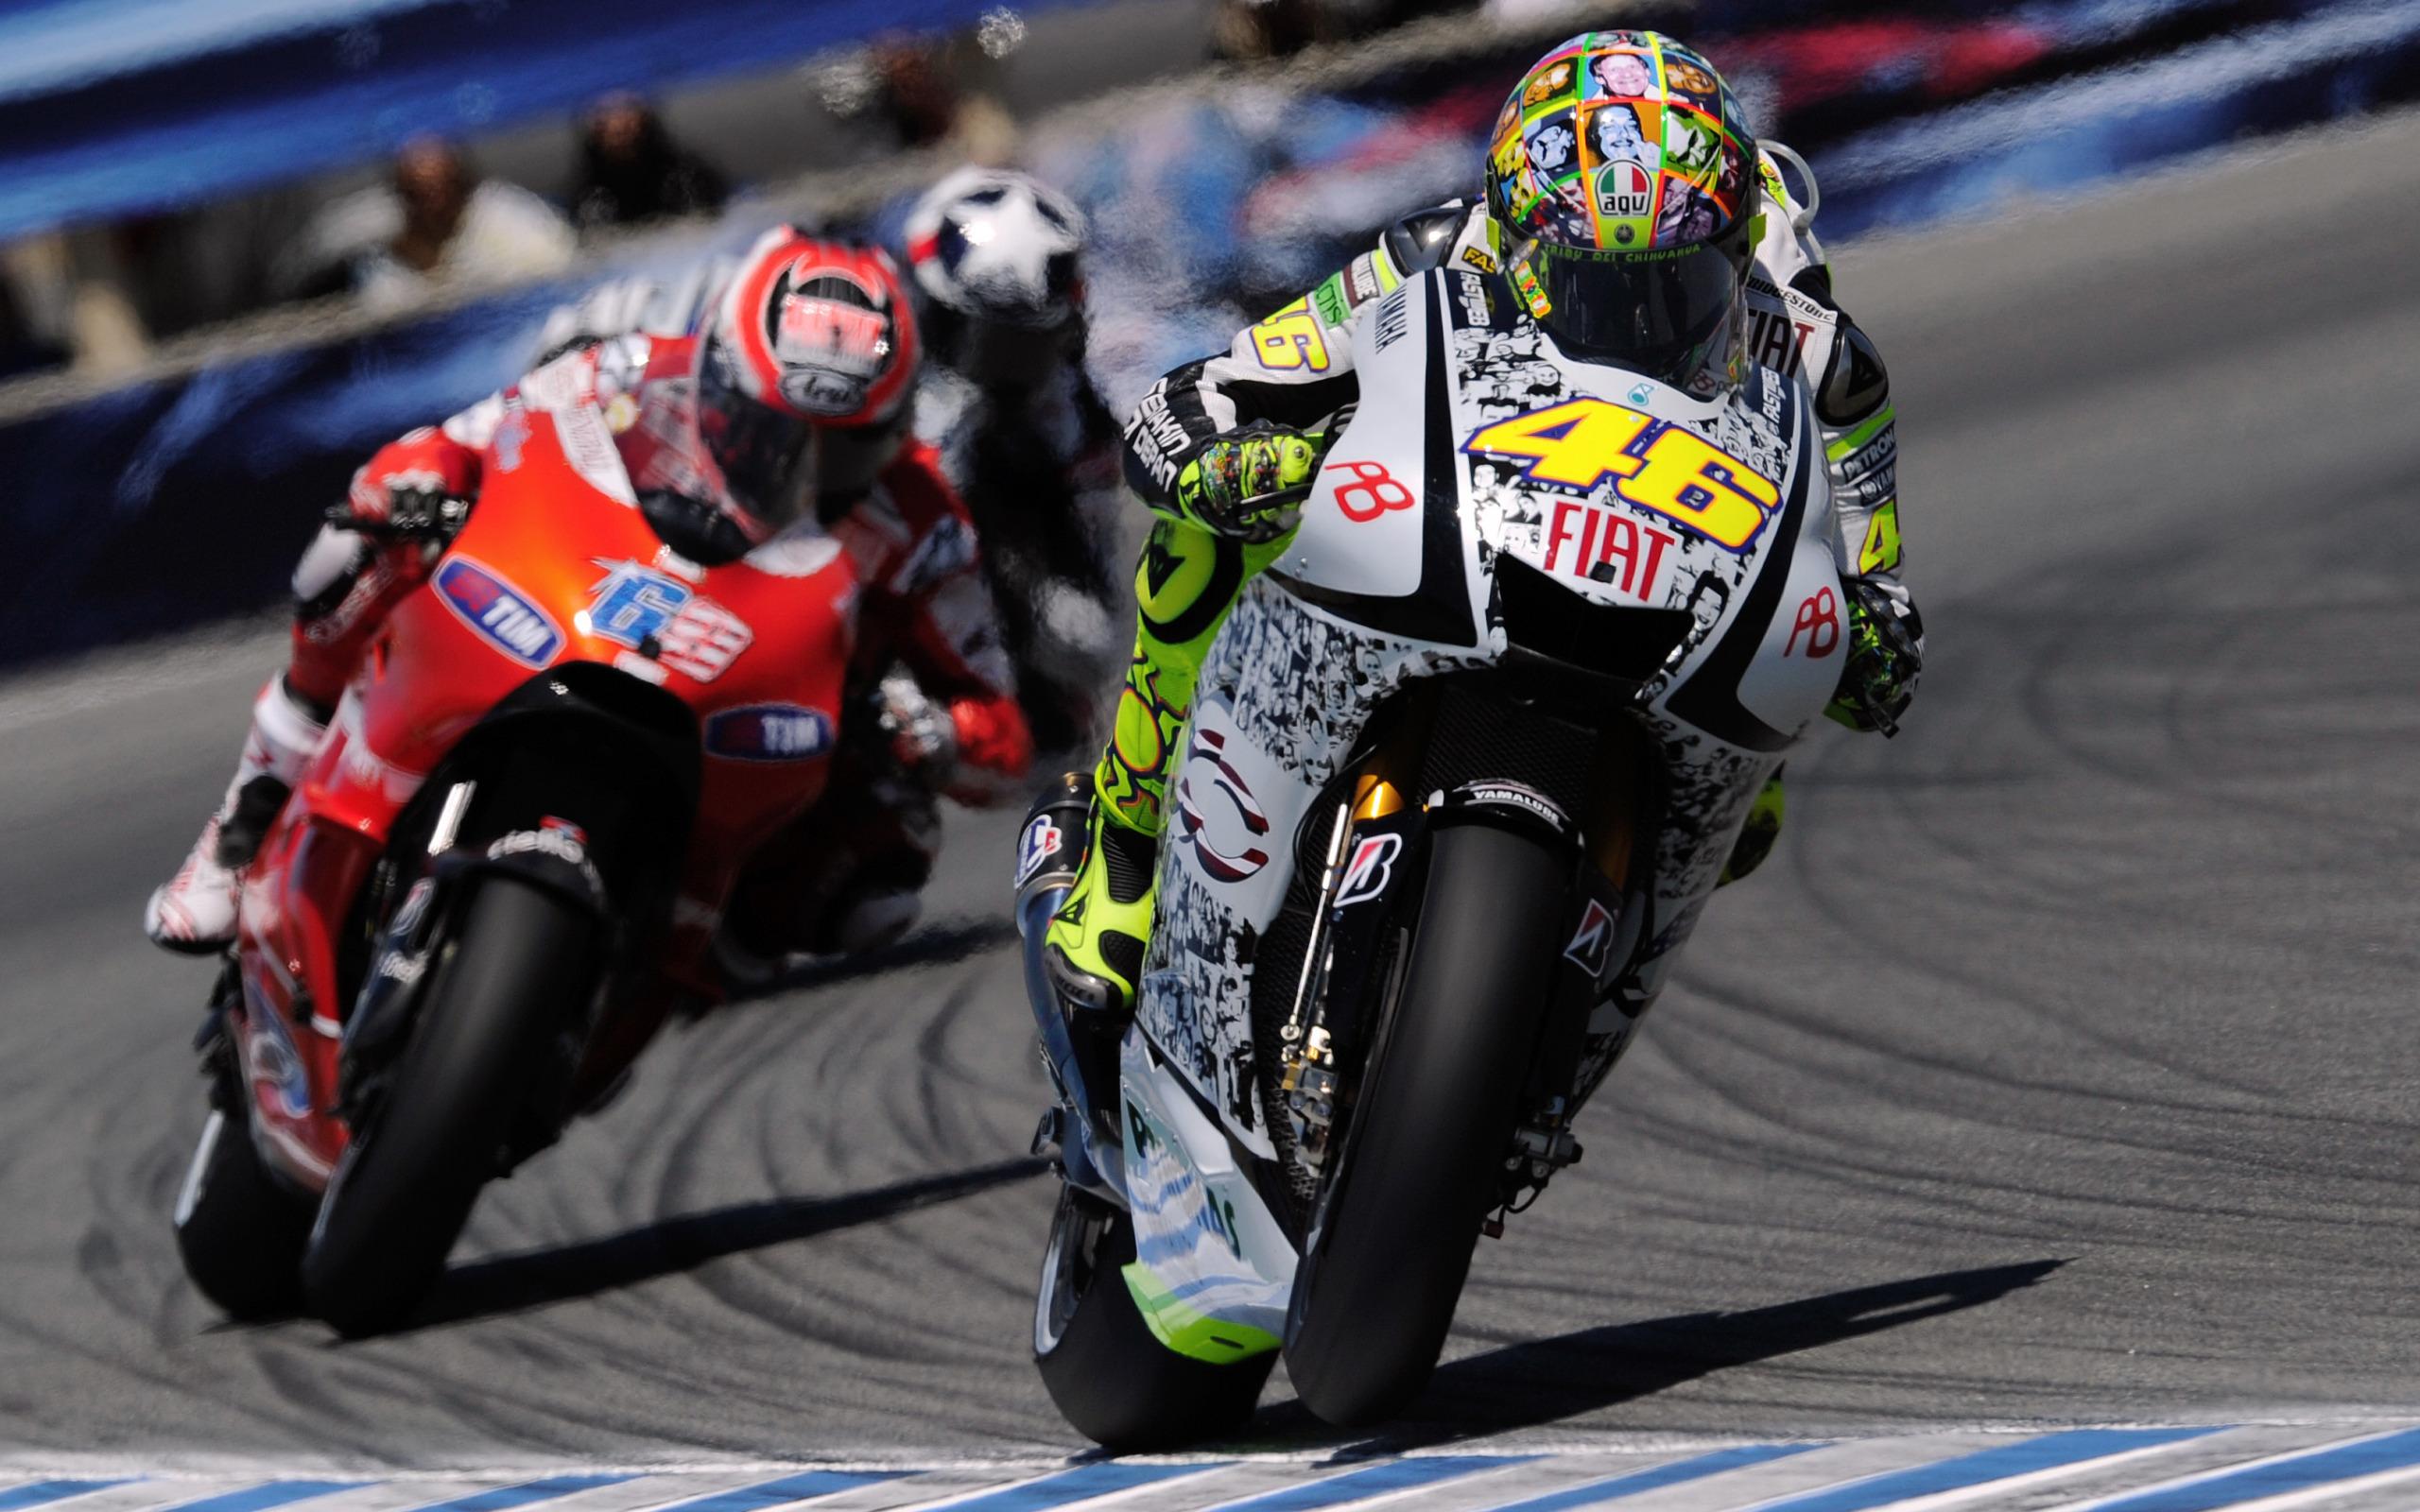 спорт мотоцикл гонка sports motorcycle race  № 3296401  скачать